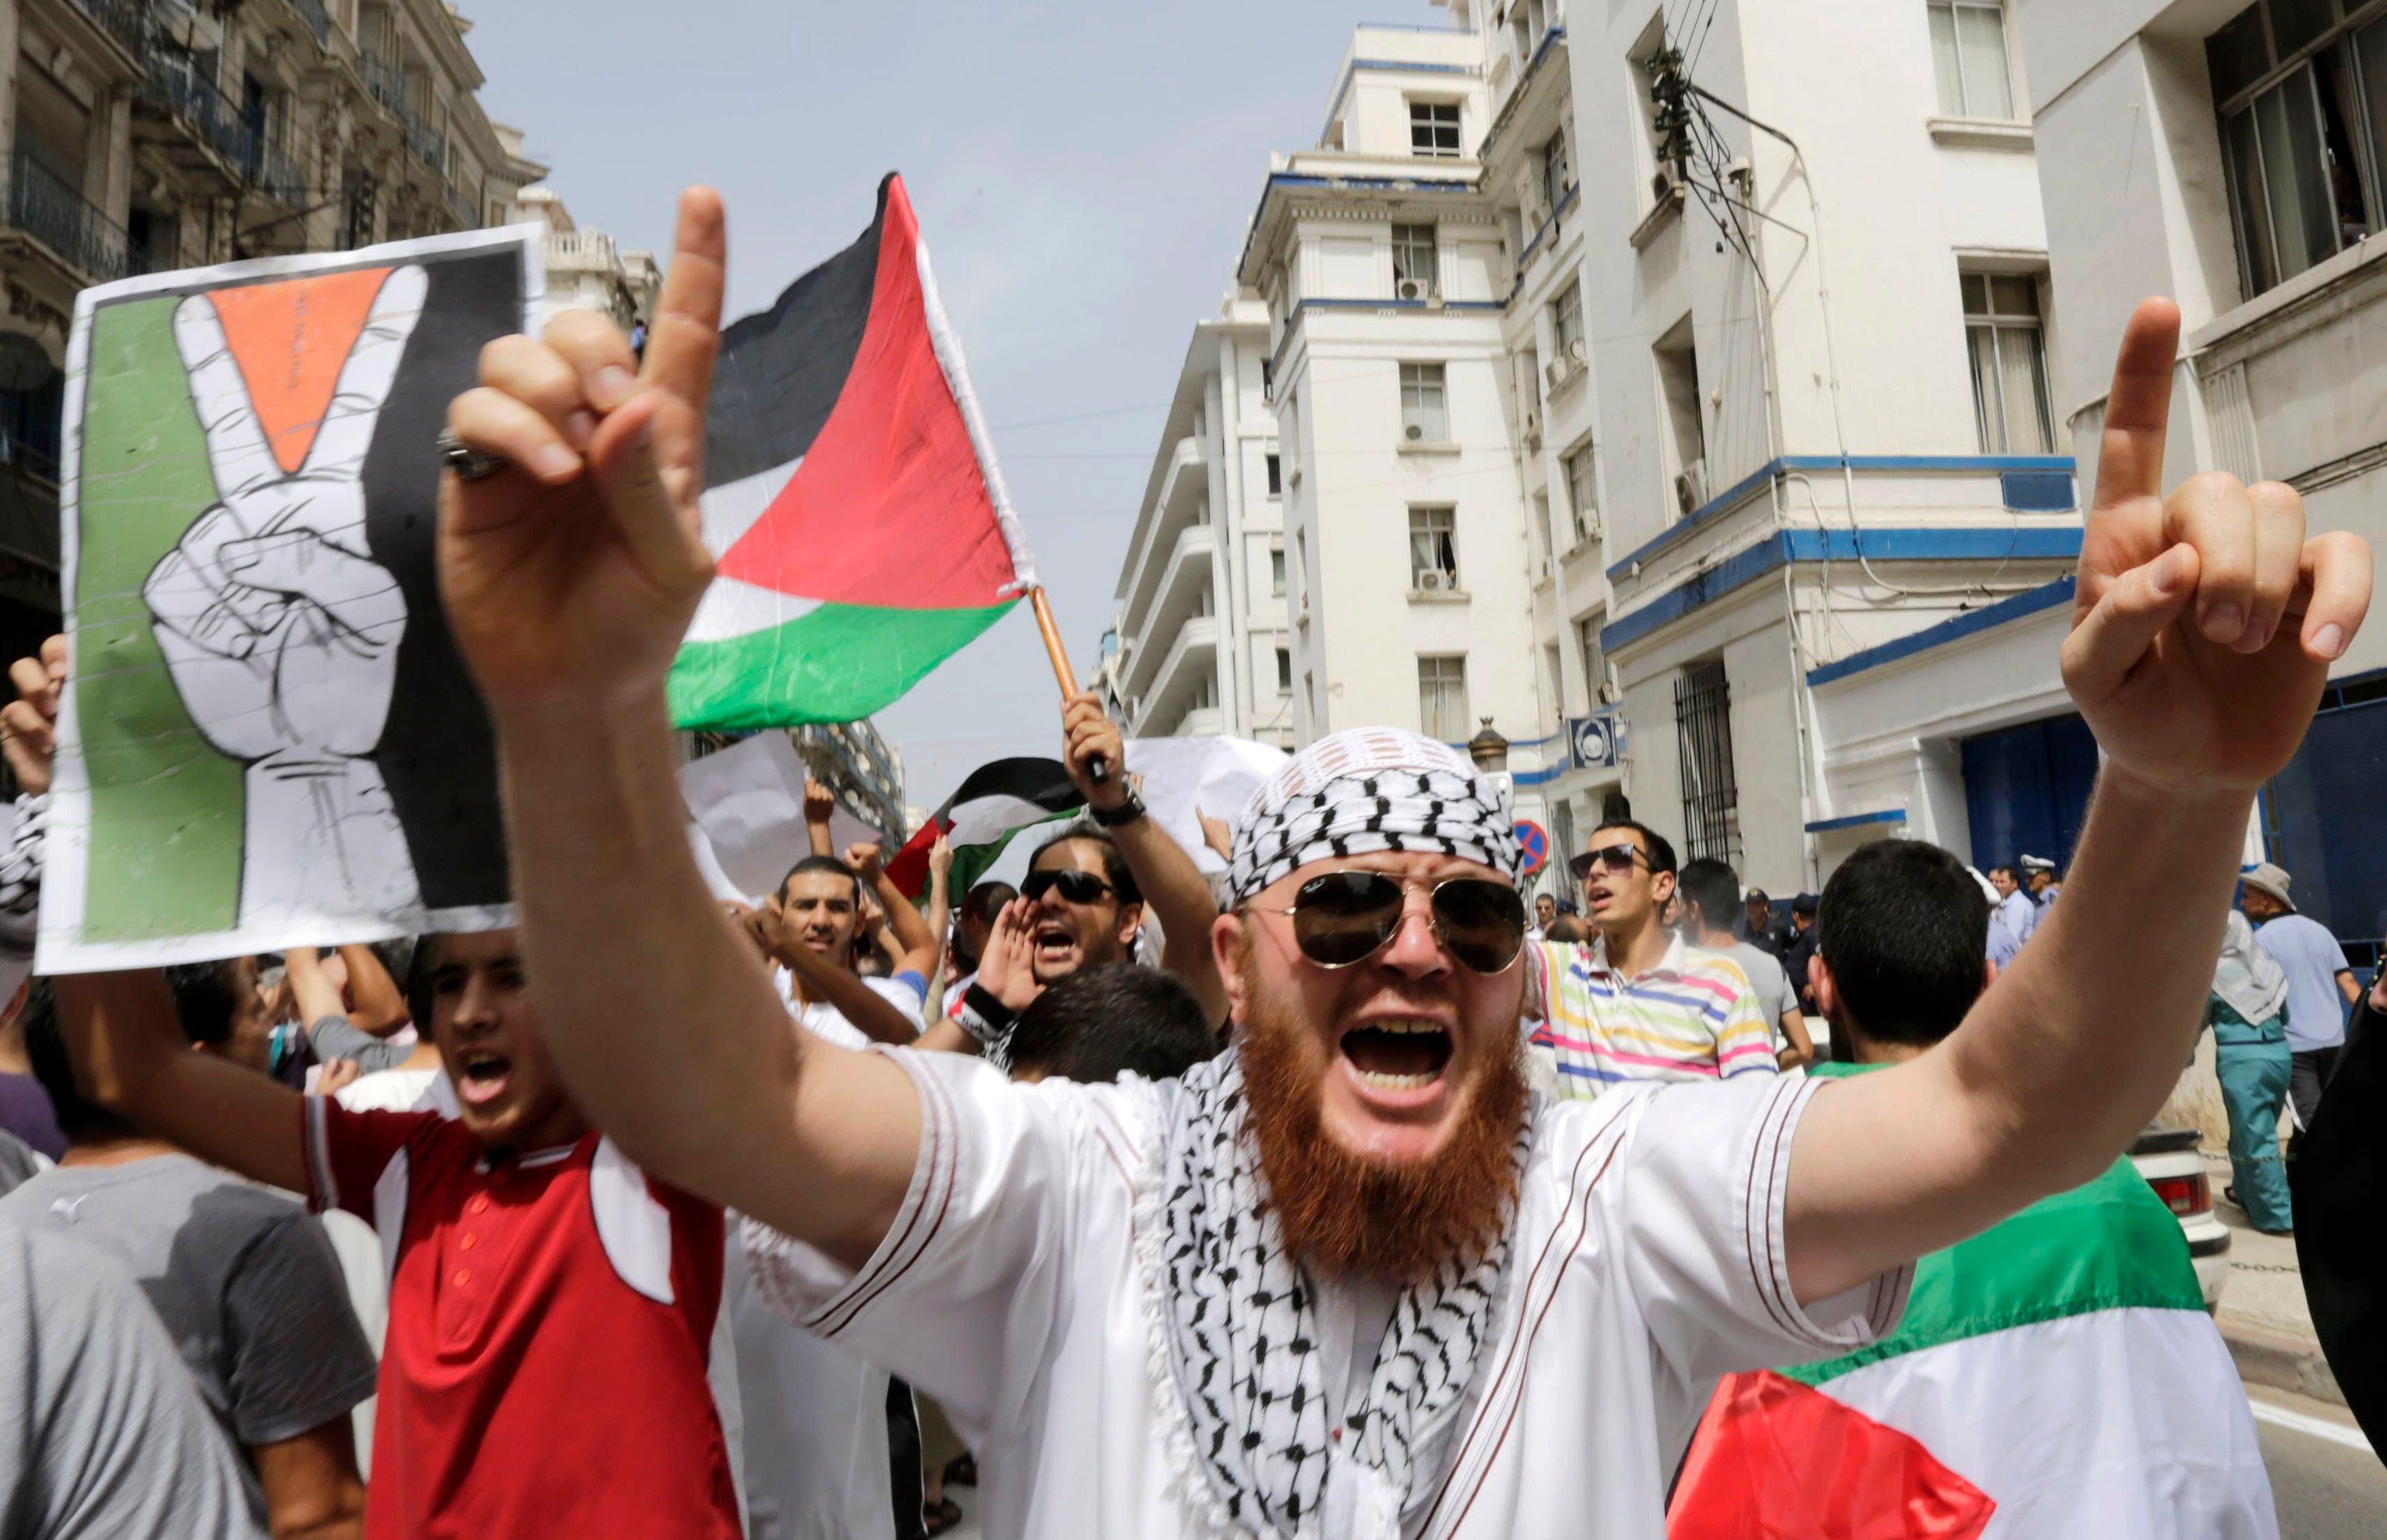 مظاهرات تظاهرات مناصر لغزة في العاصمة الجزائرية في الجزائر